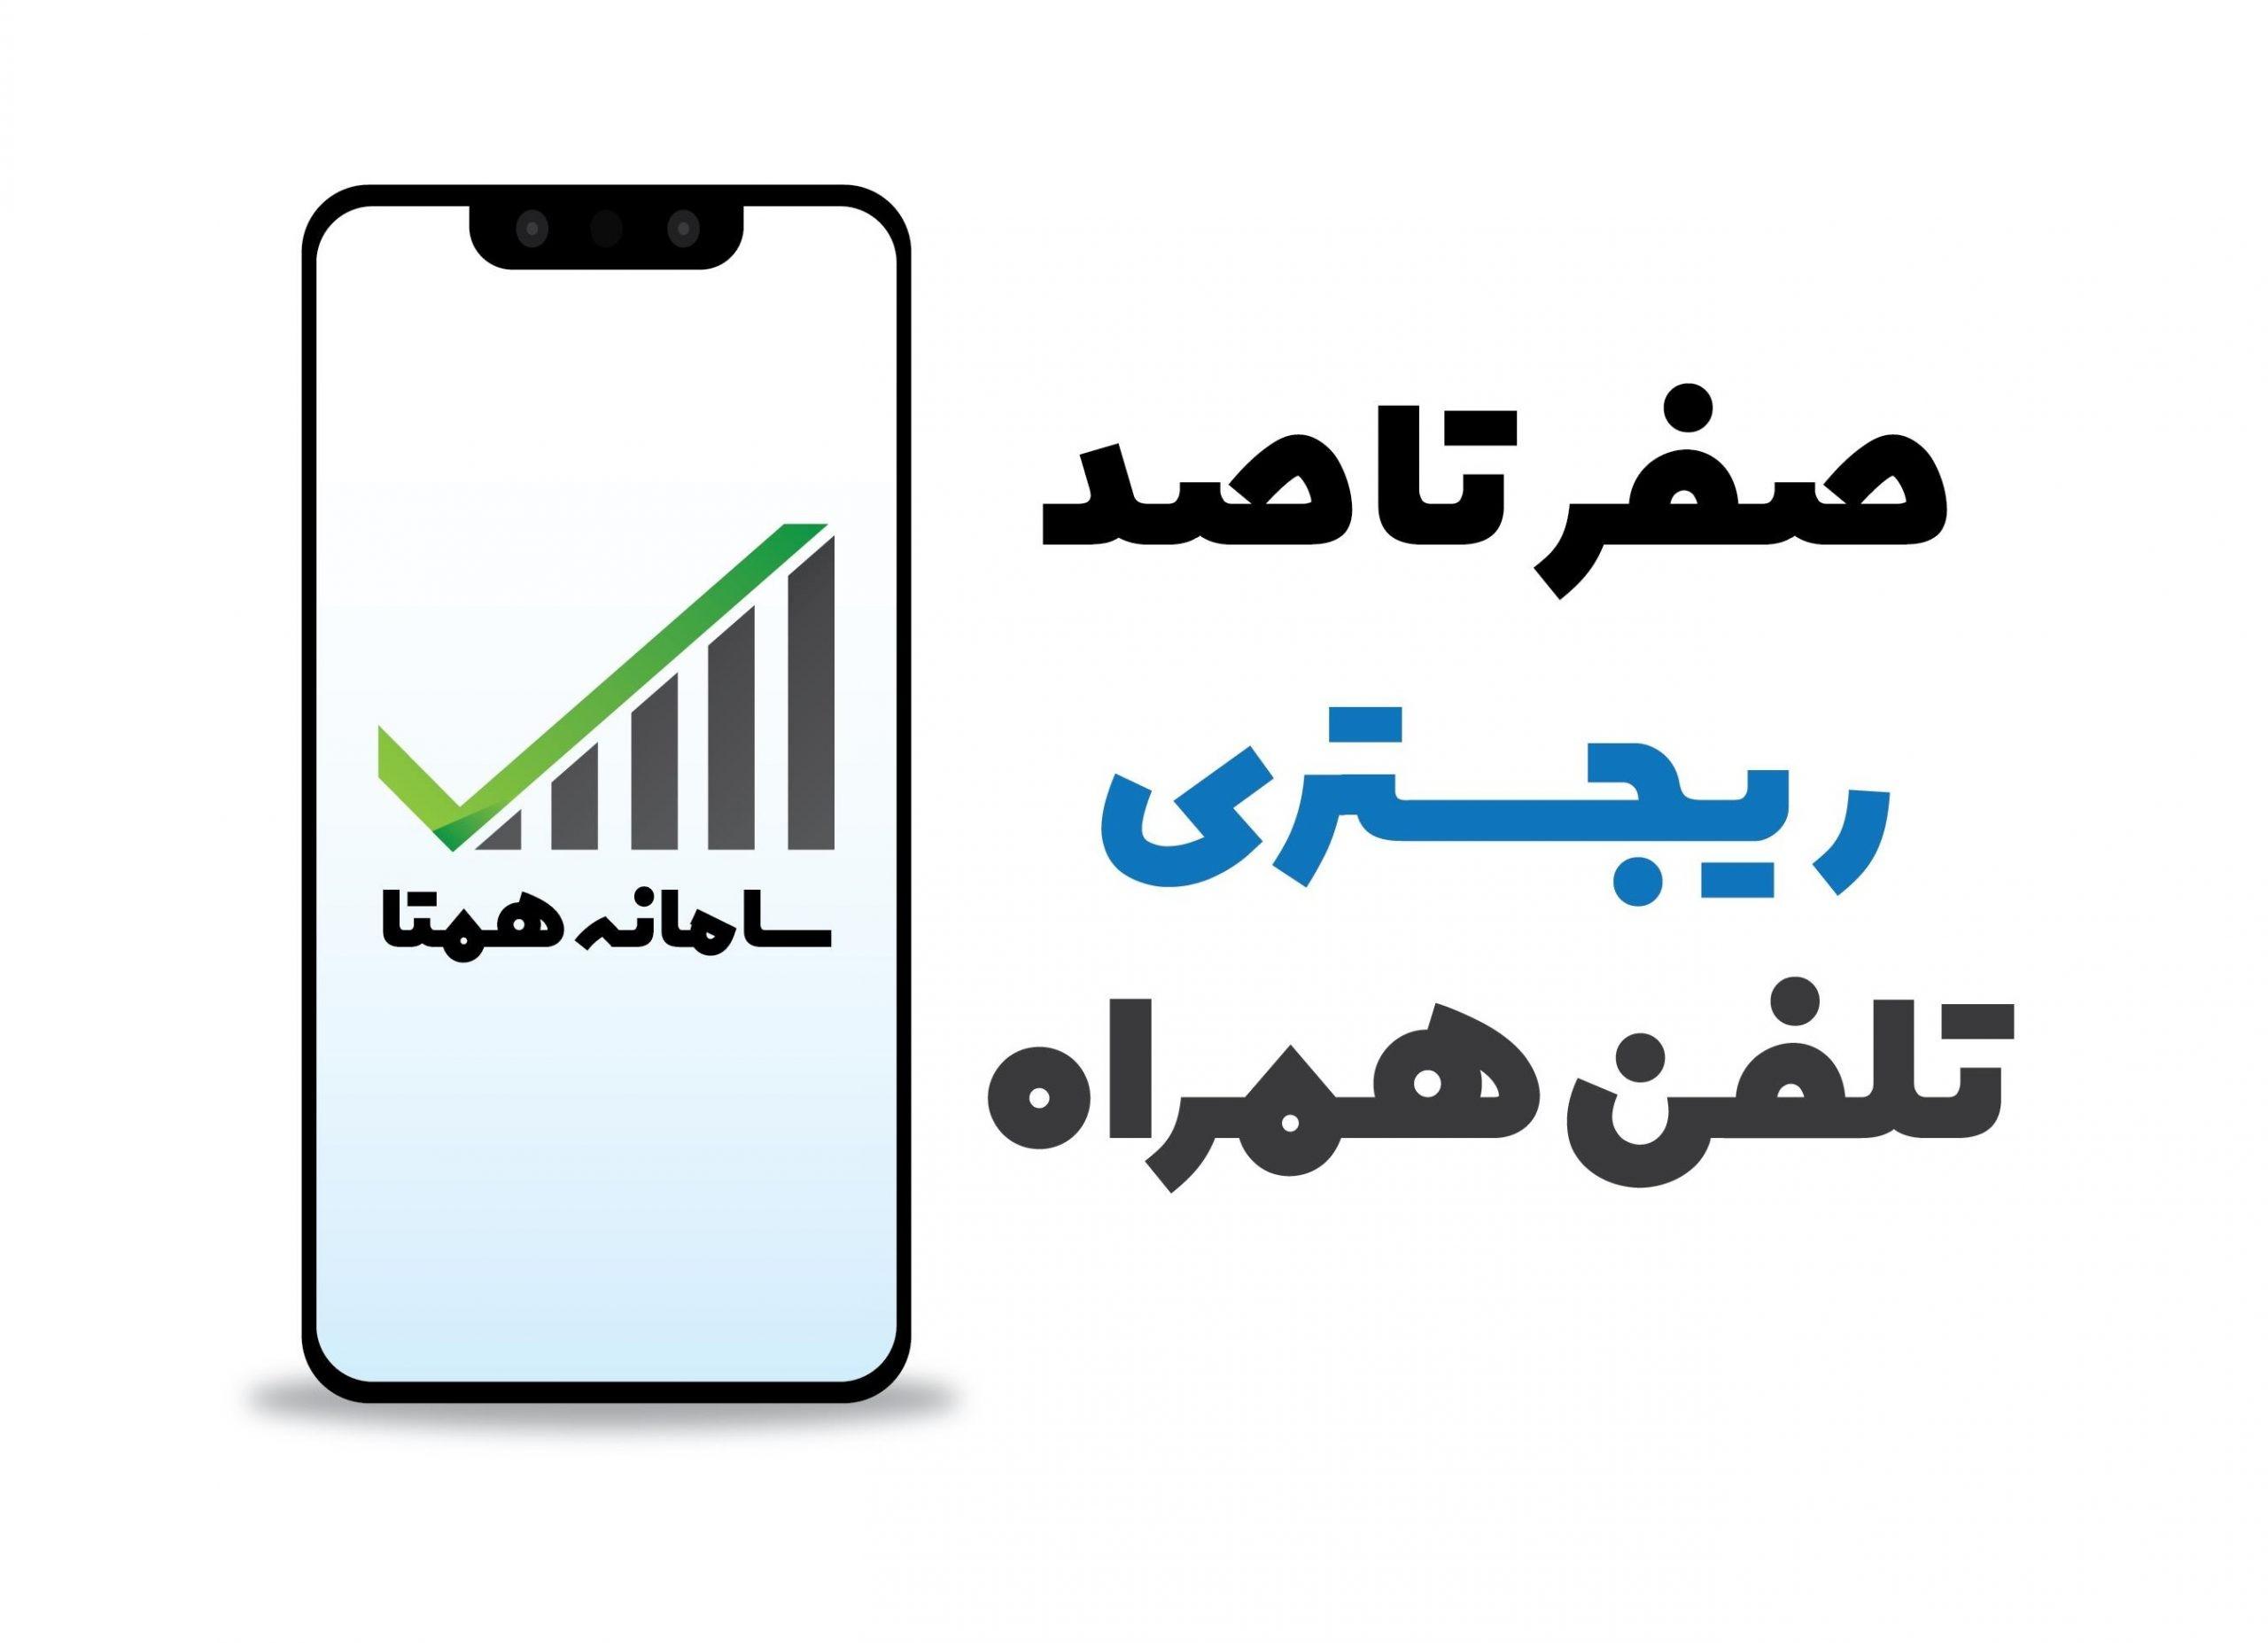 آموزش کامل رجیستر (Register) گوشی موبایل